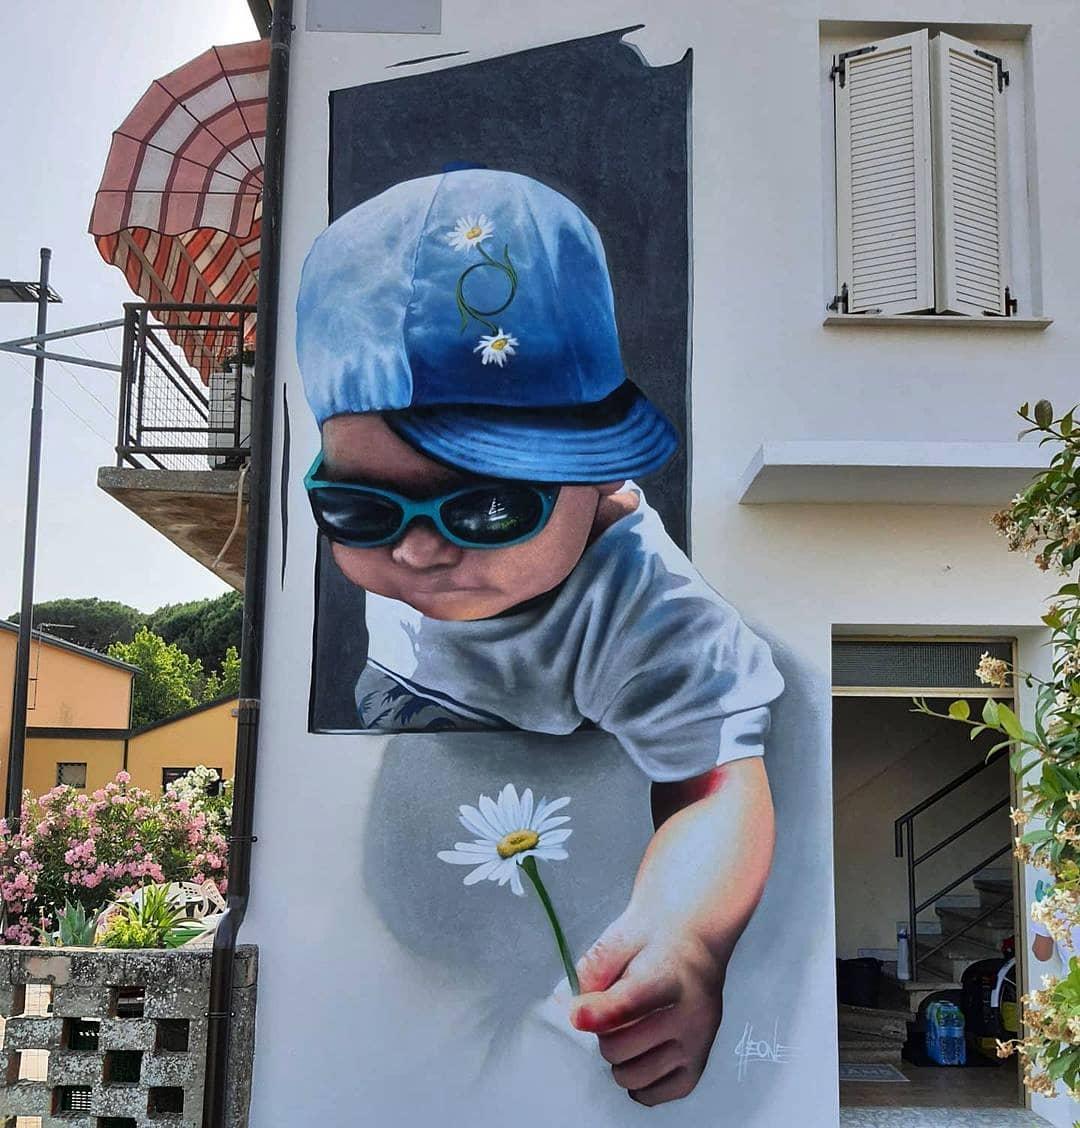 Cheone @ Porto Viro, Italy